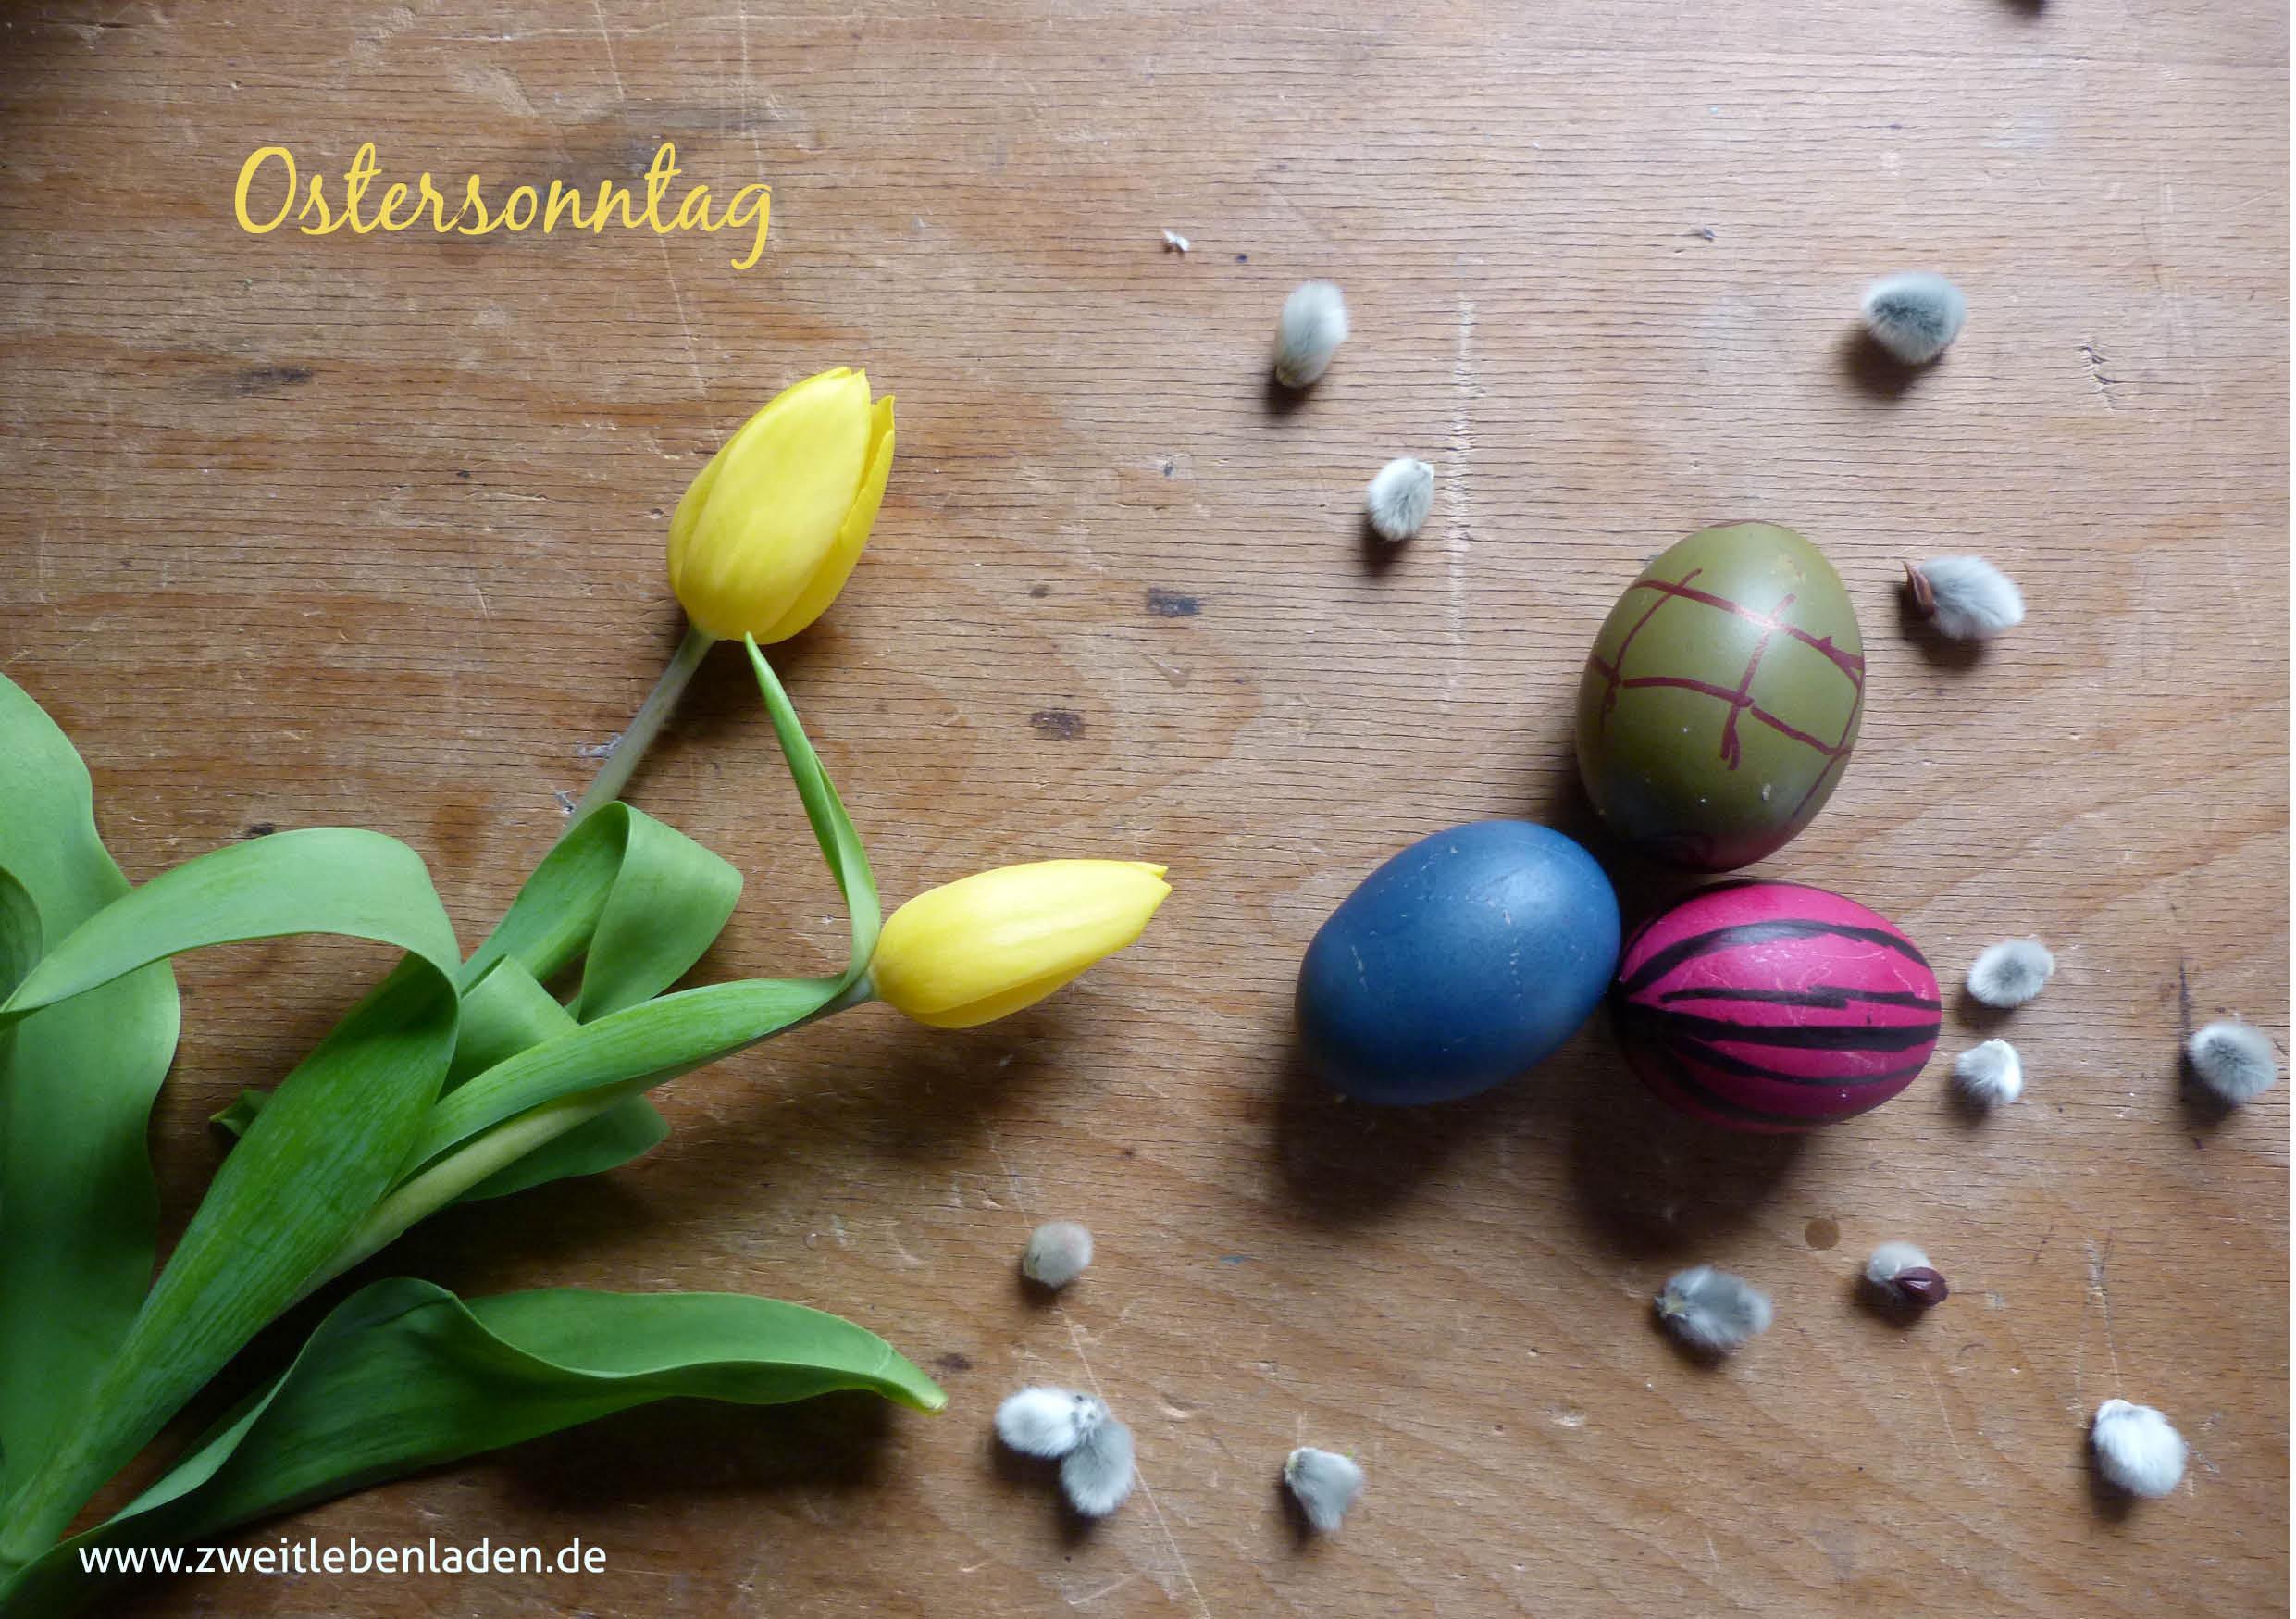 die Farben von Ostern - Ostersonntag - der Herr ist auferstanden - wir feiern bunt